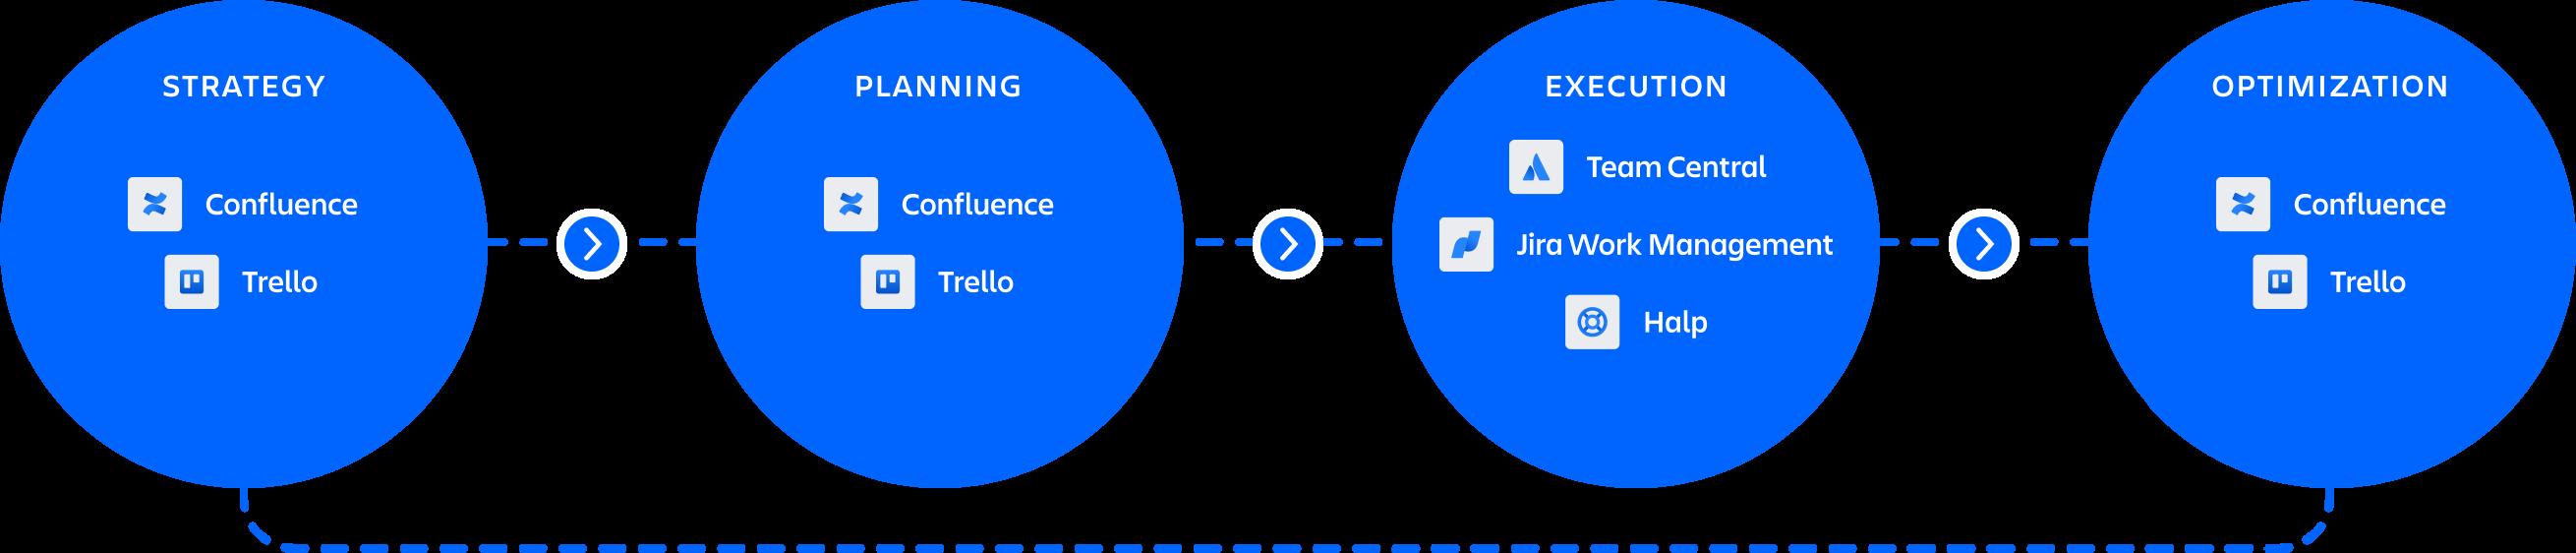 Изображение: продукты для подбора квалифицированных кадров (Confluence и Jira Work Management) с продуктами для адаптации новых сотрудников (Trello и Jira Work Management)